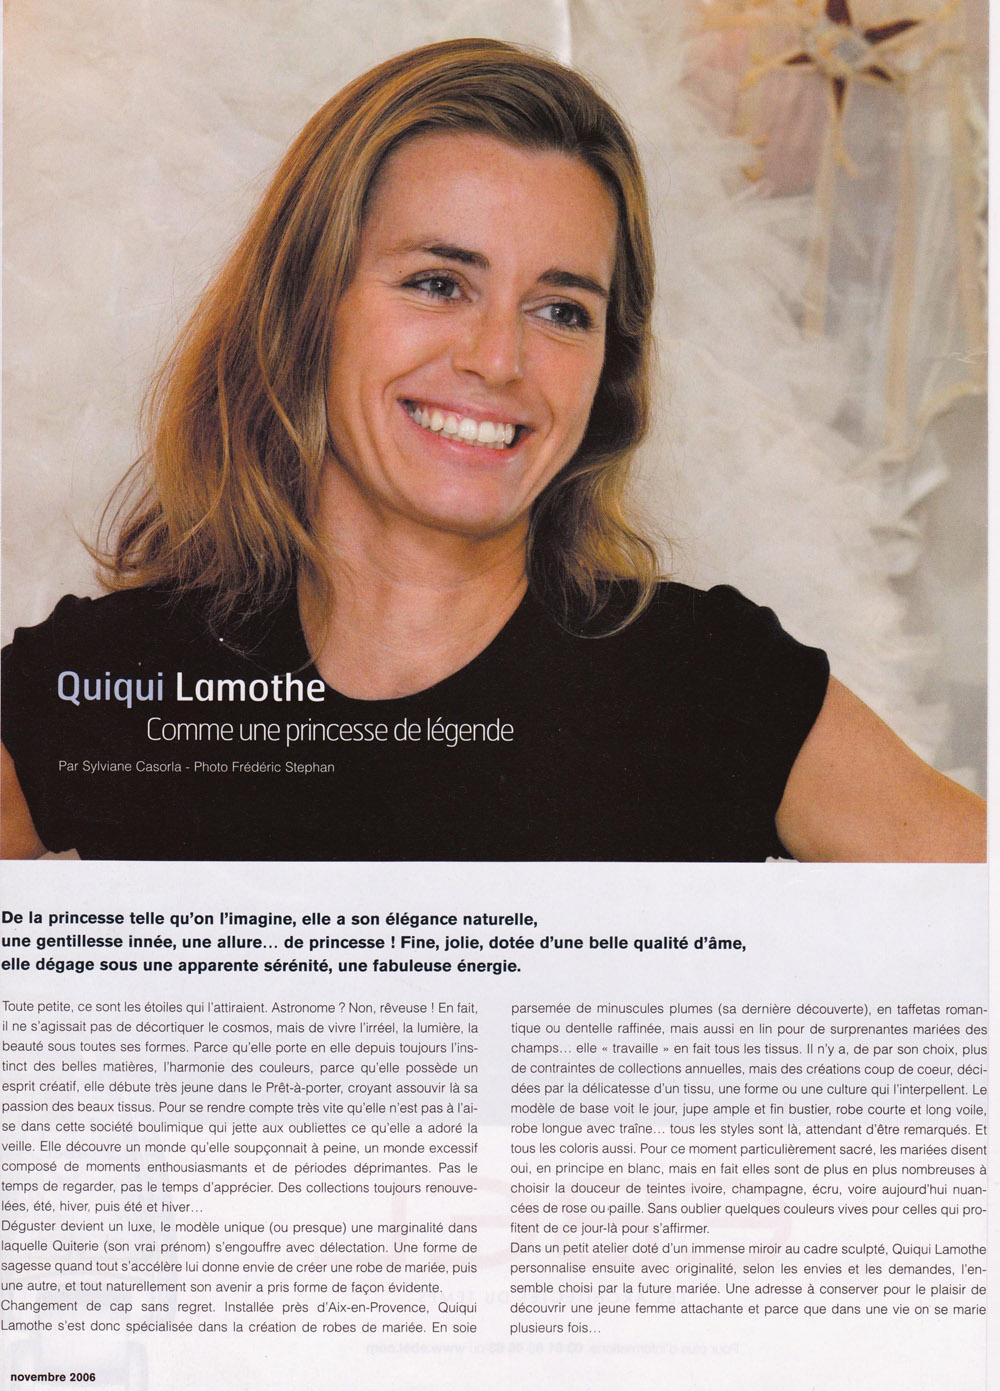 cote-magazine-quiqui-lamothe-creatrice-designer-de-robe-de-mariee-haute-couture-aix-en-provence-cote